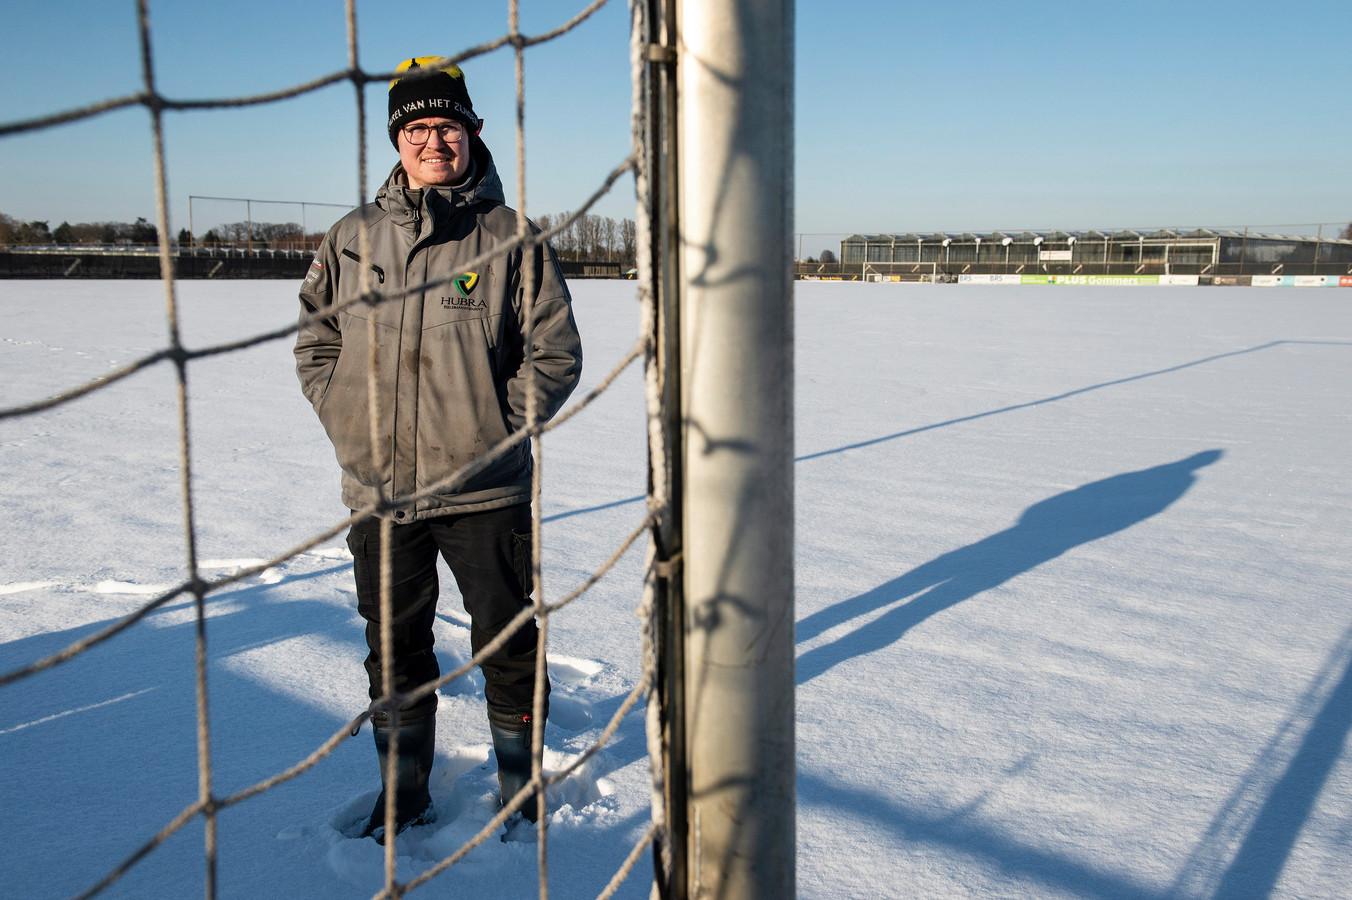 Pix4Profs-Ron Magielse  de grasmeester van nac erwin braspenning over besneeuwde voetbalvelden en de effecten van de kou op het gras.